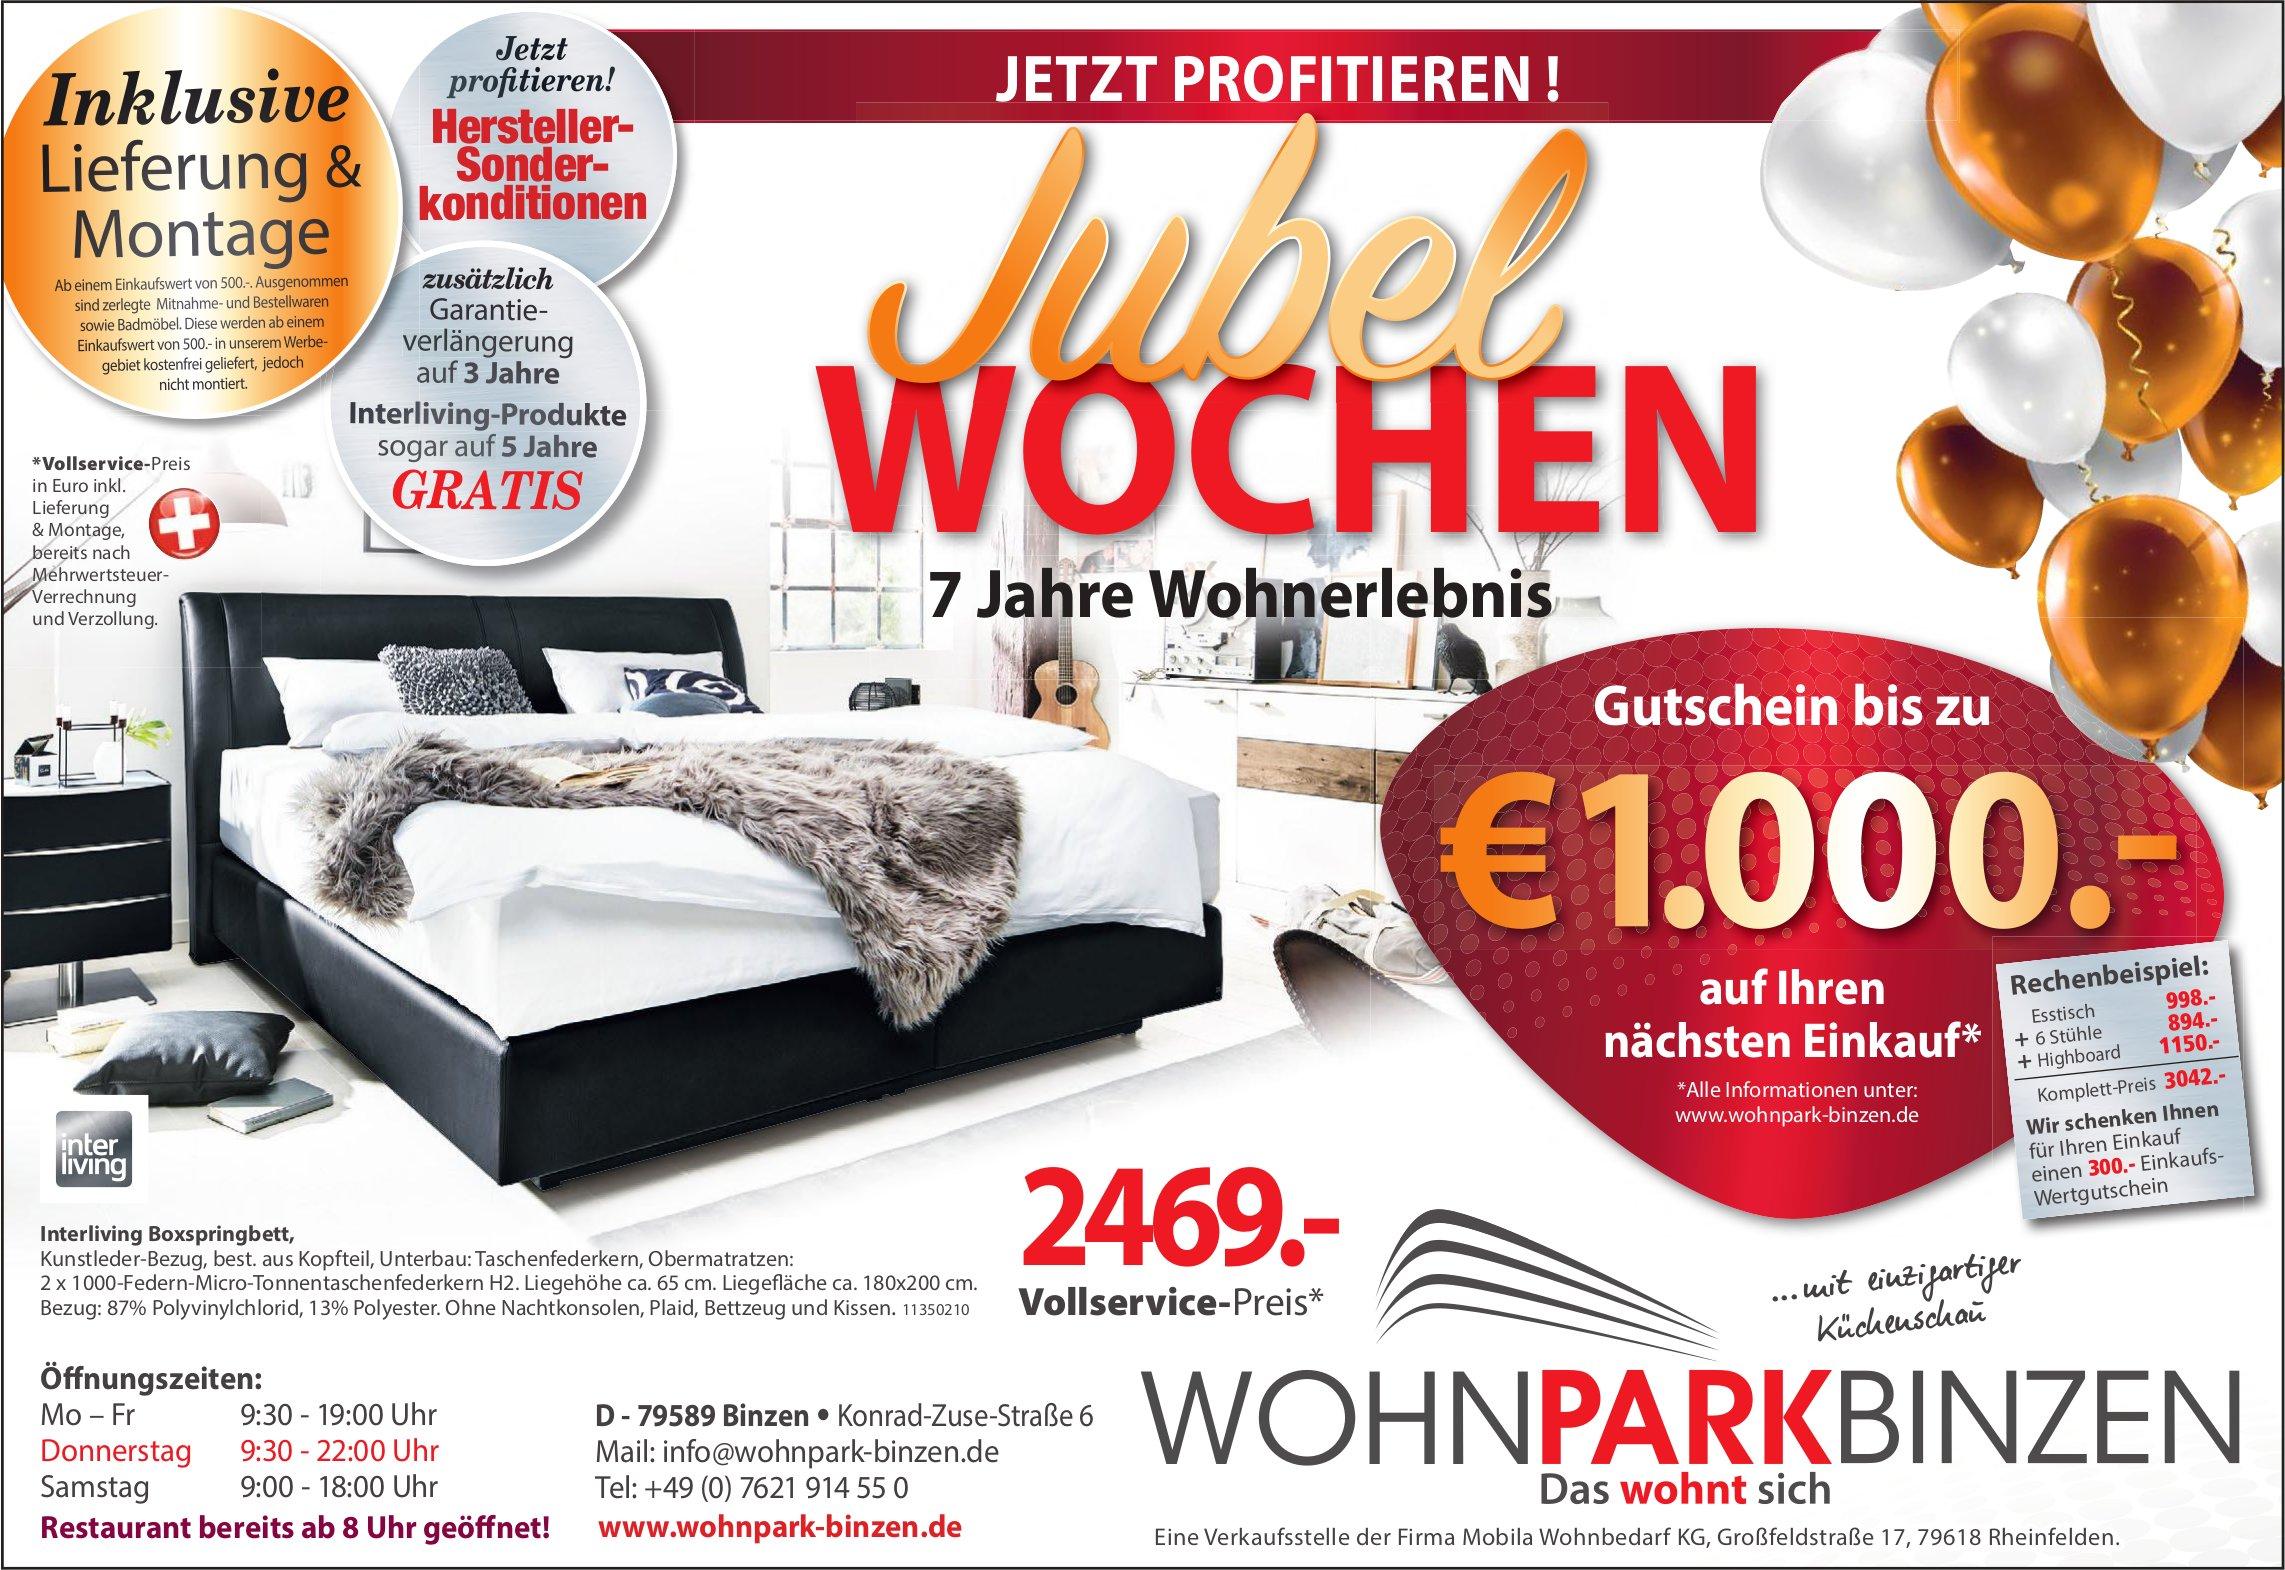 Wohnpark Binzen - Jubel Wochen: Jetzt profitieren